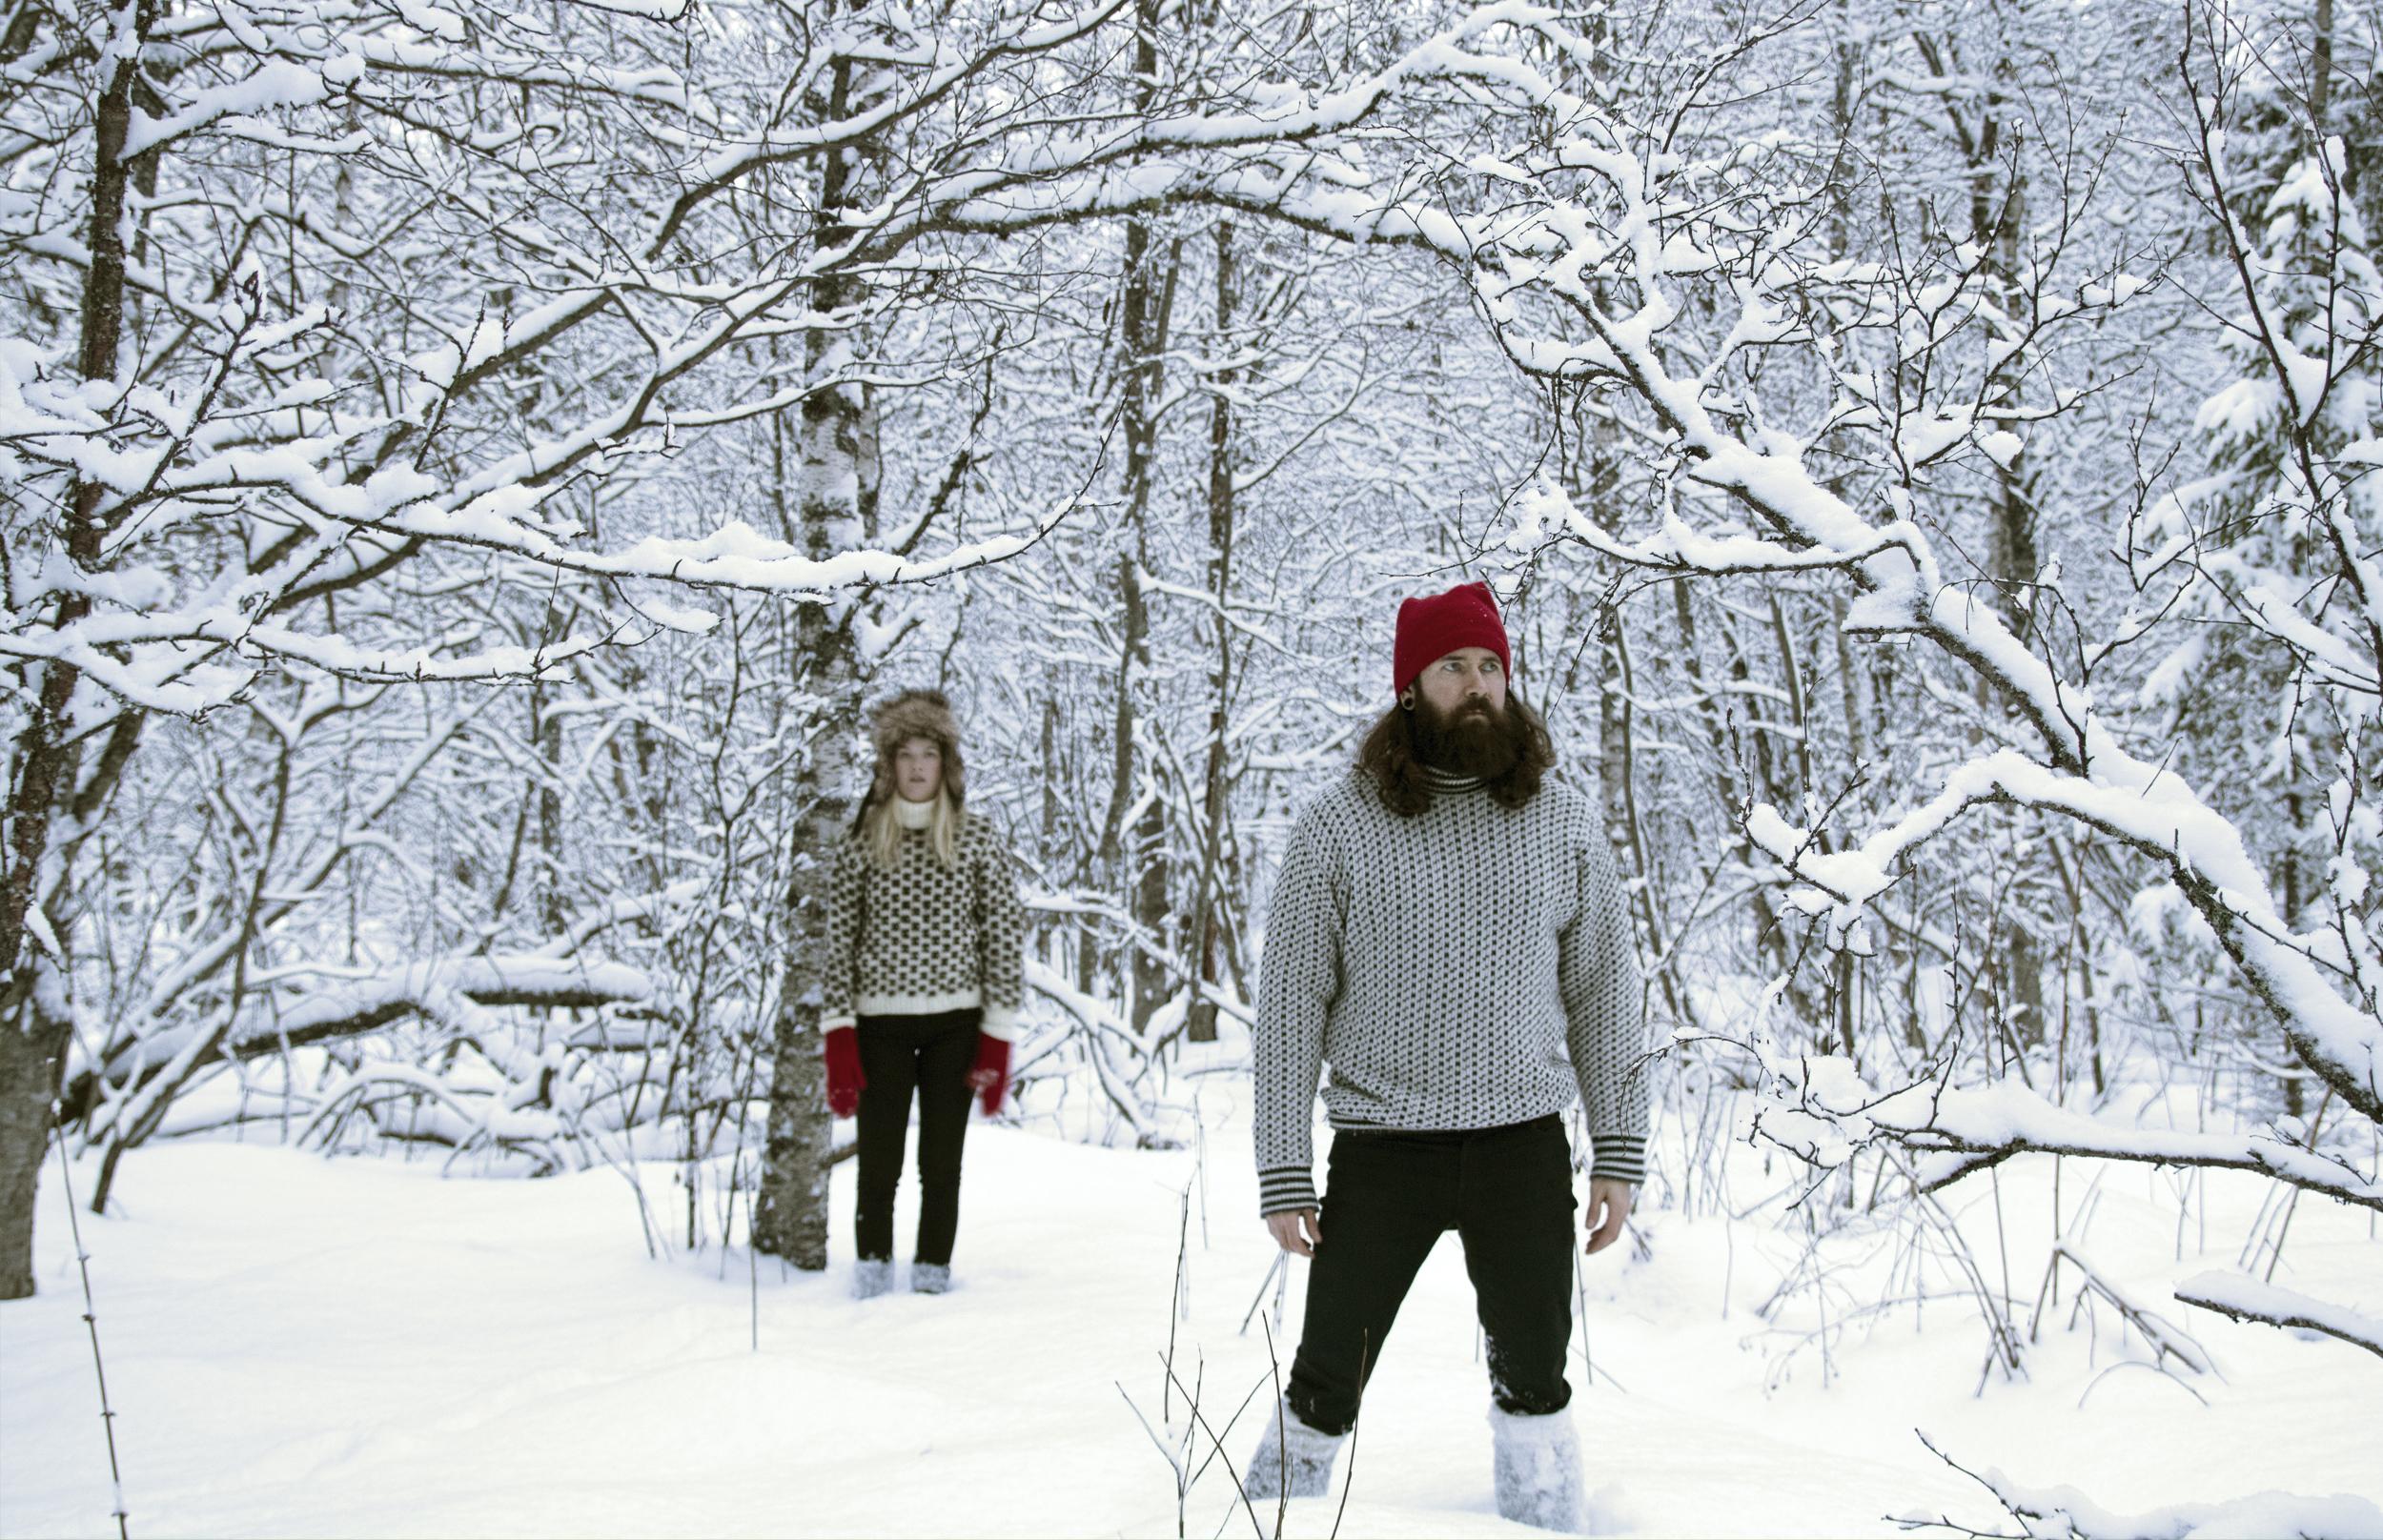 Julestemning Akevitt In Snow